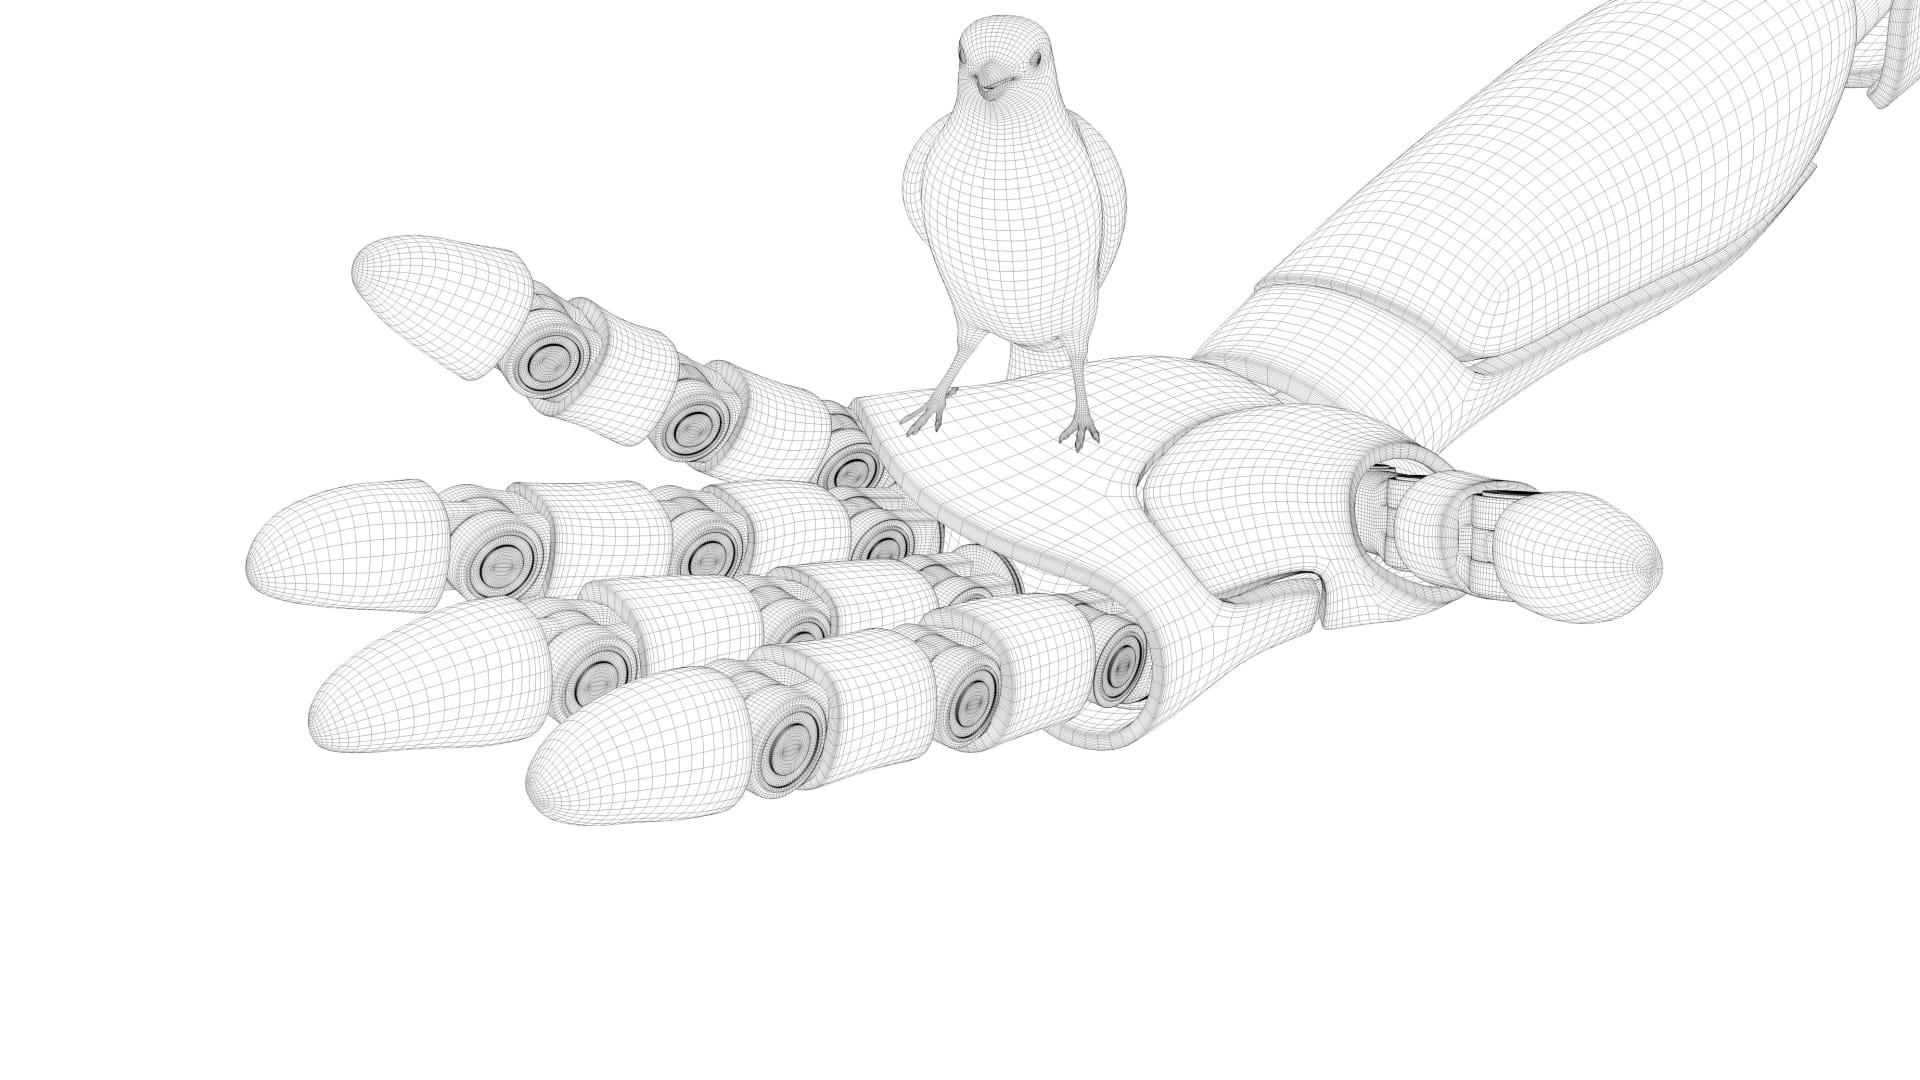 Roboterhand mit Taube